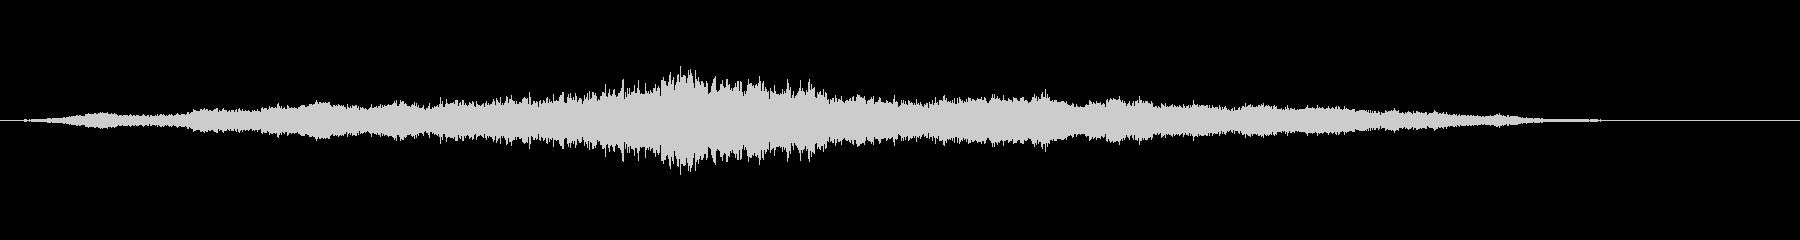 ドローンメタリックハーシュフィード...の未再生の波形